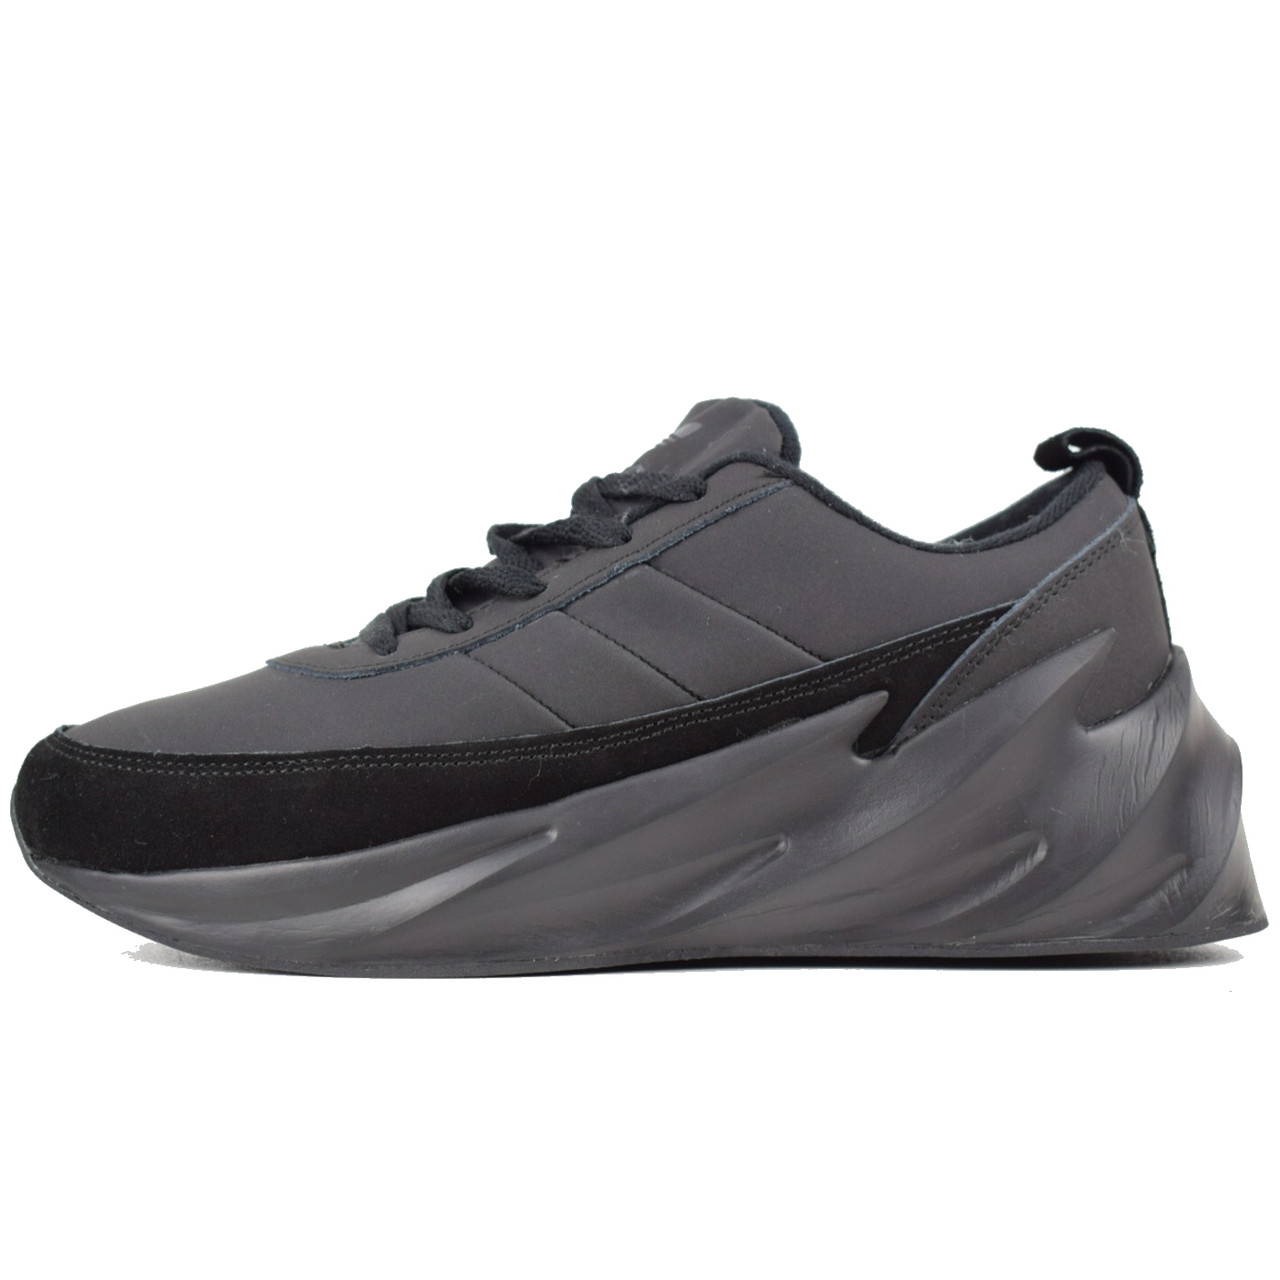 Теплые мужские кроссовки Adidas Sharks (МЕХ) черные (Top replic)